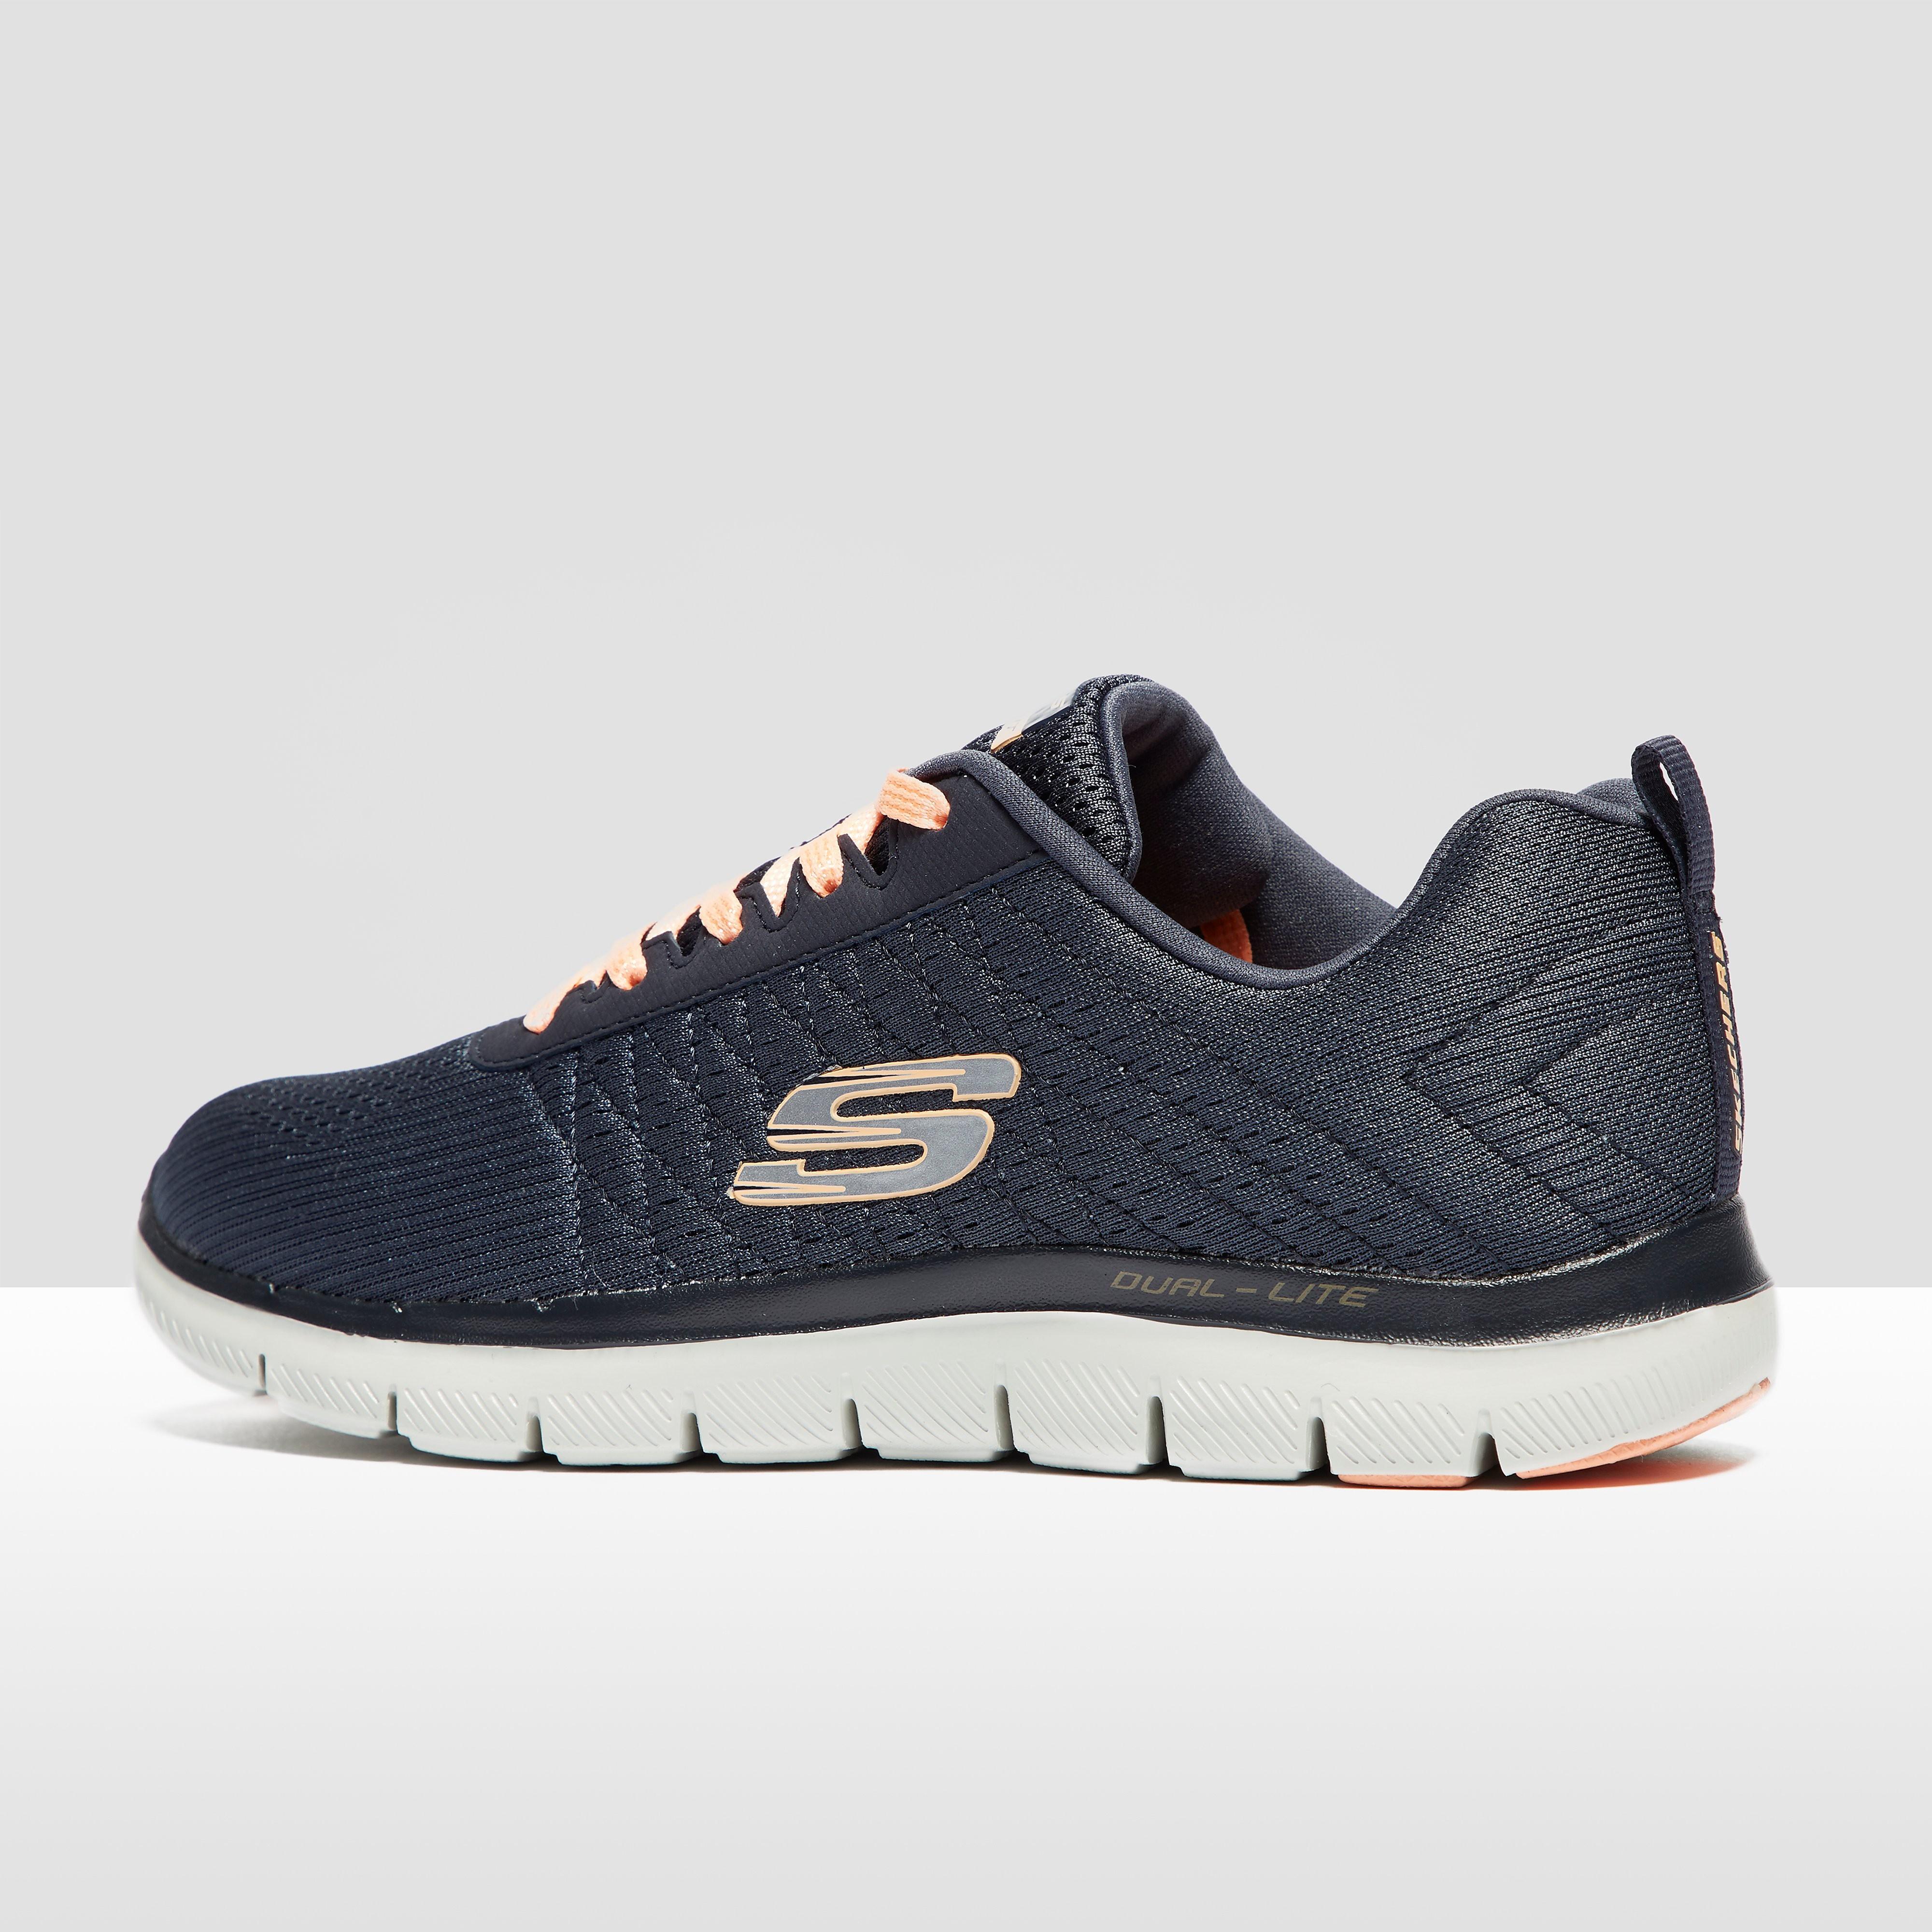 Skechers Flex Appeal 2.0 Break Free Women's Training Shoes